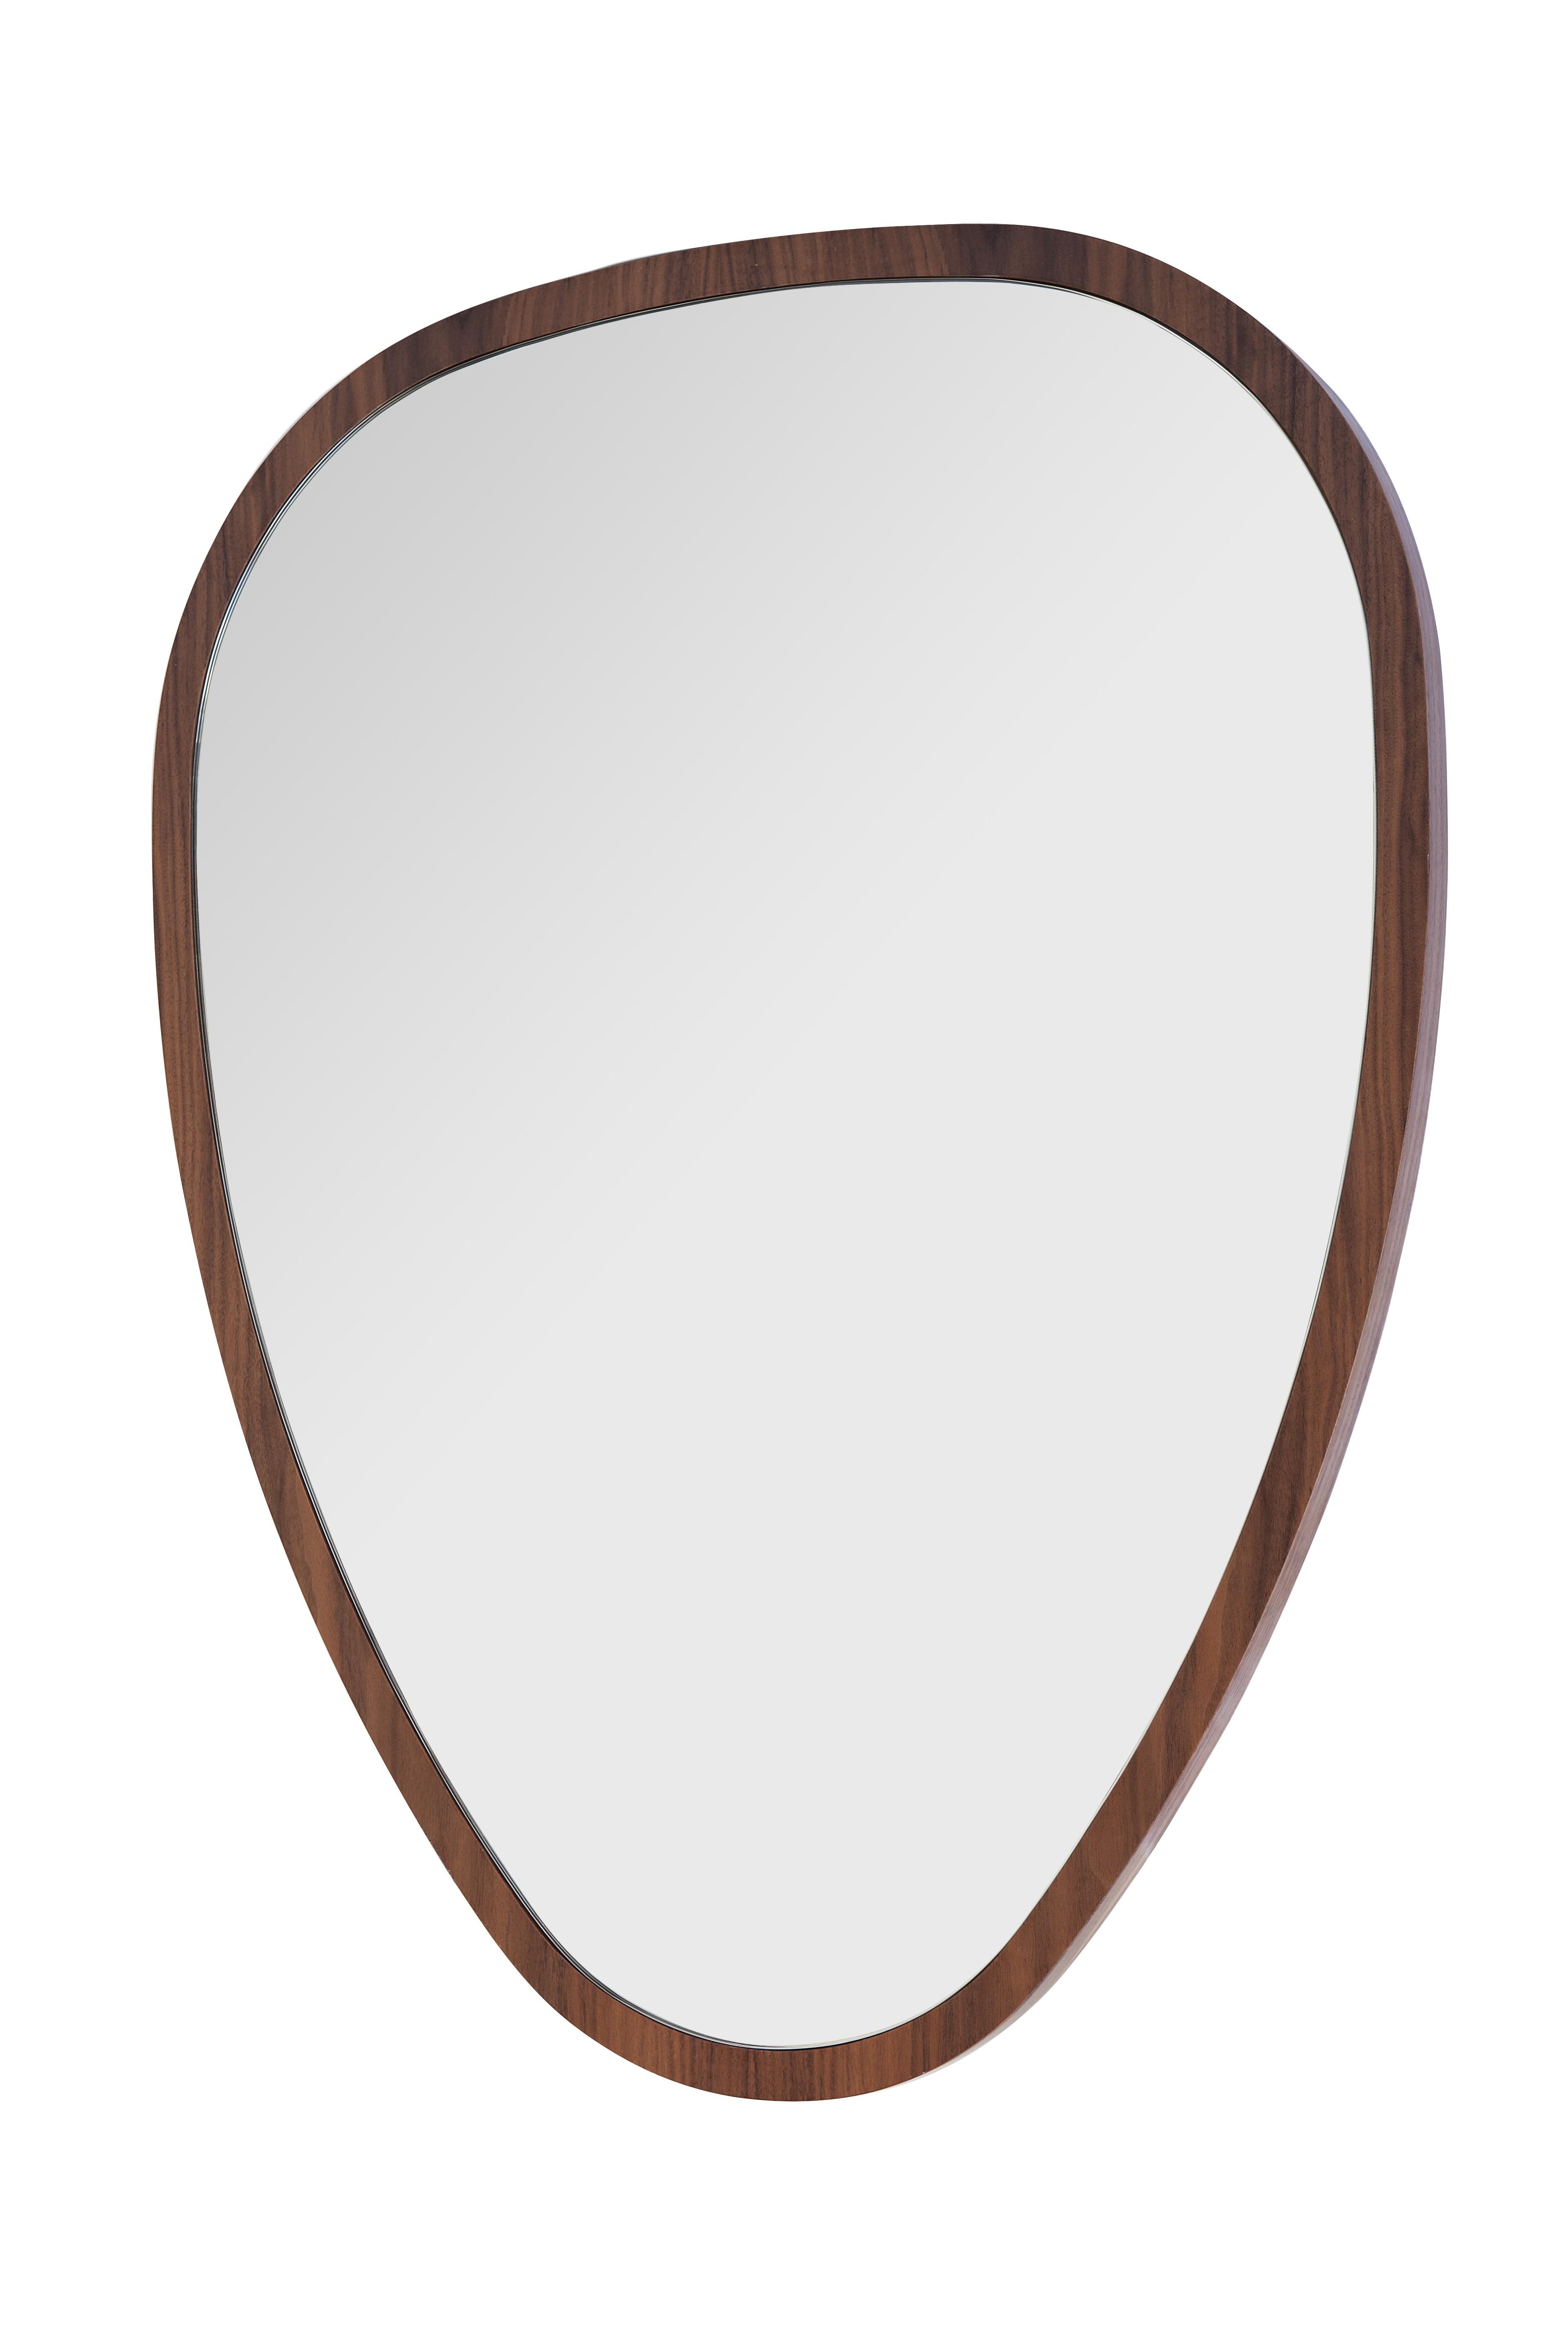 Miroir ovo de sarah lavoine 3 tailles 2 finitions - Miroir sarah lavoine ...